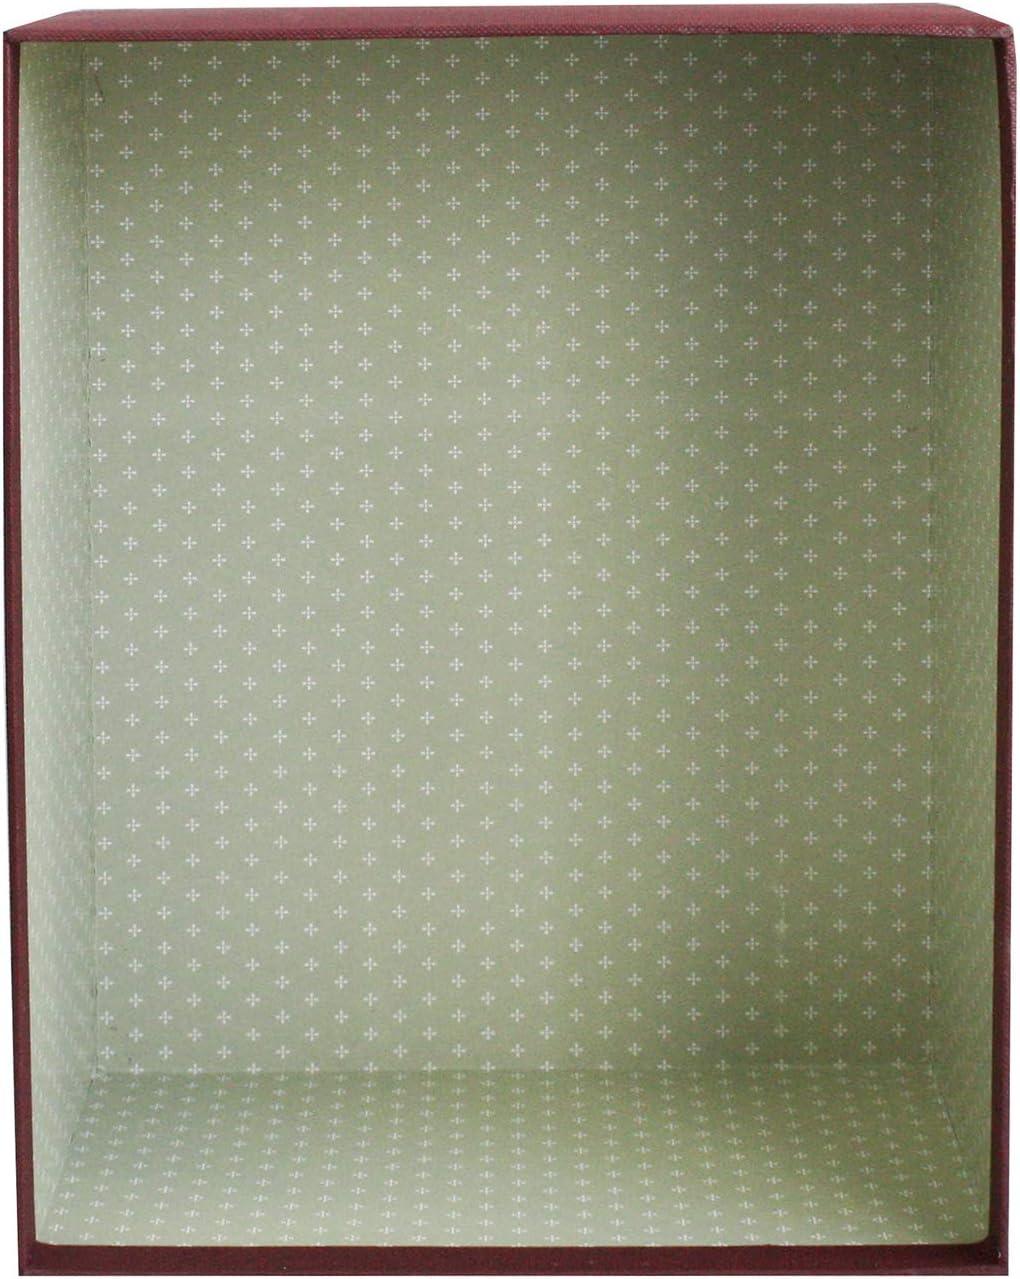 Creme Box mit Blauem Deckel Schokoladenbraunes Interieur und Dekoratives Band 23 cm x 17 cm x 6,5 cm Emartbuy Starrer Luxus Rechteck Pr/äsentation Geschenkbox